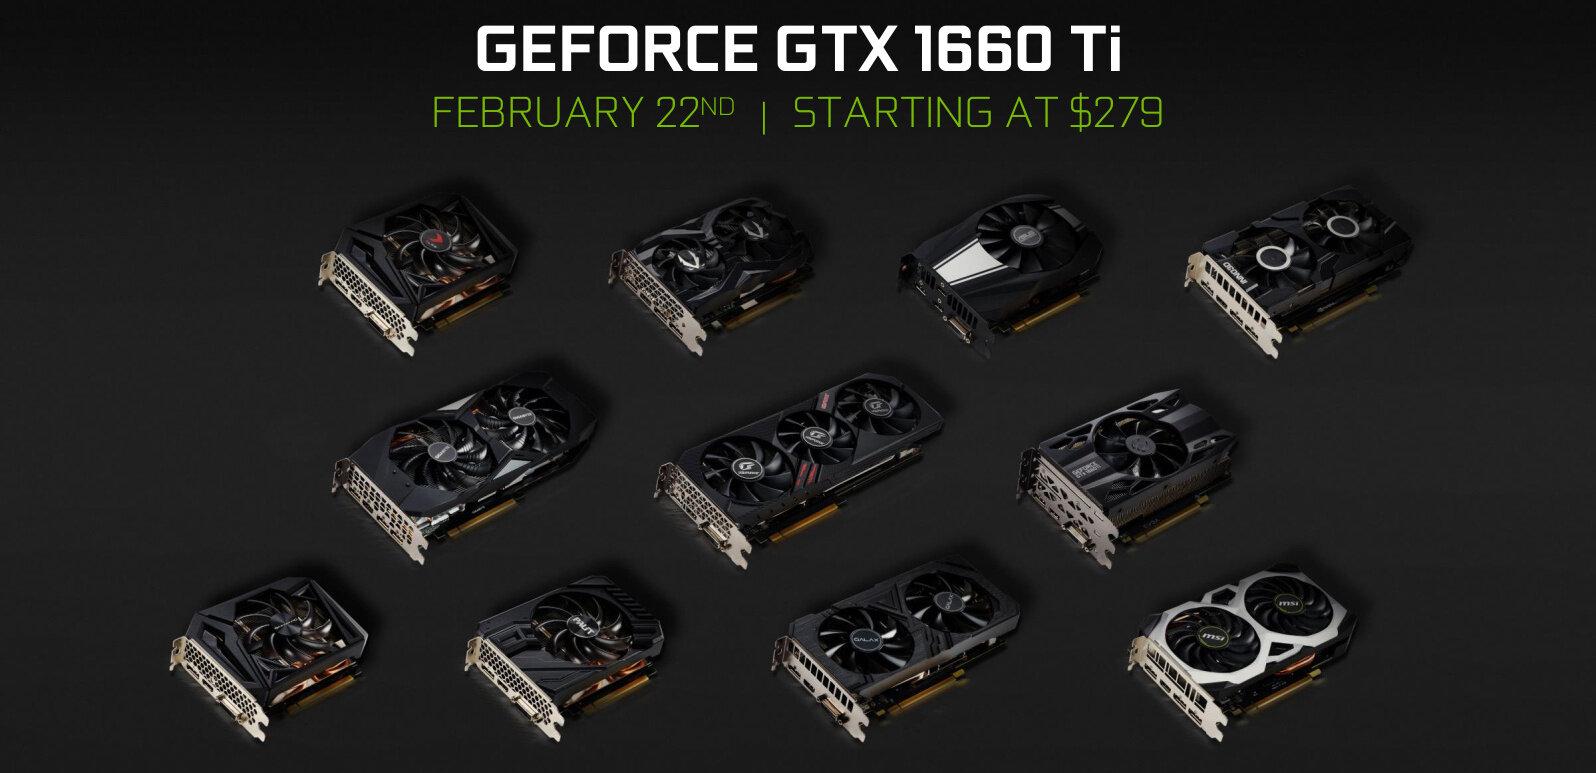 Tout ce qu'il faut savoir de la GeForce GTX 1660 Ti, disponible dès 299 euros